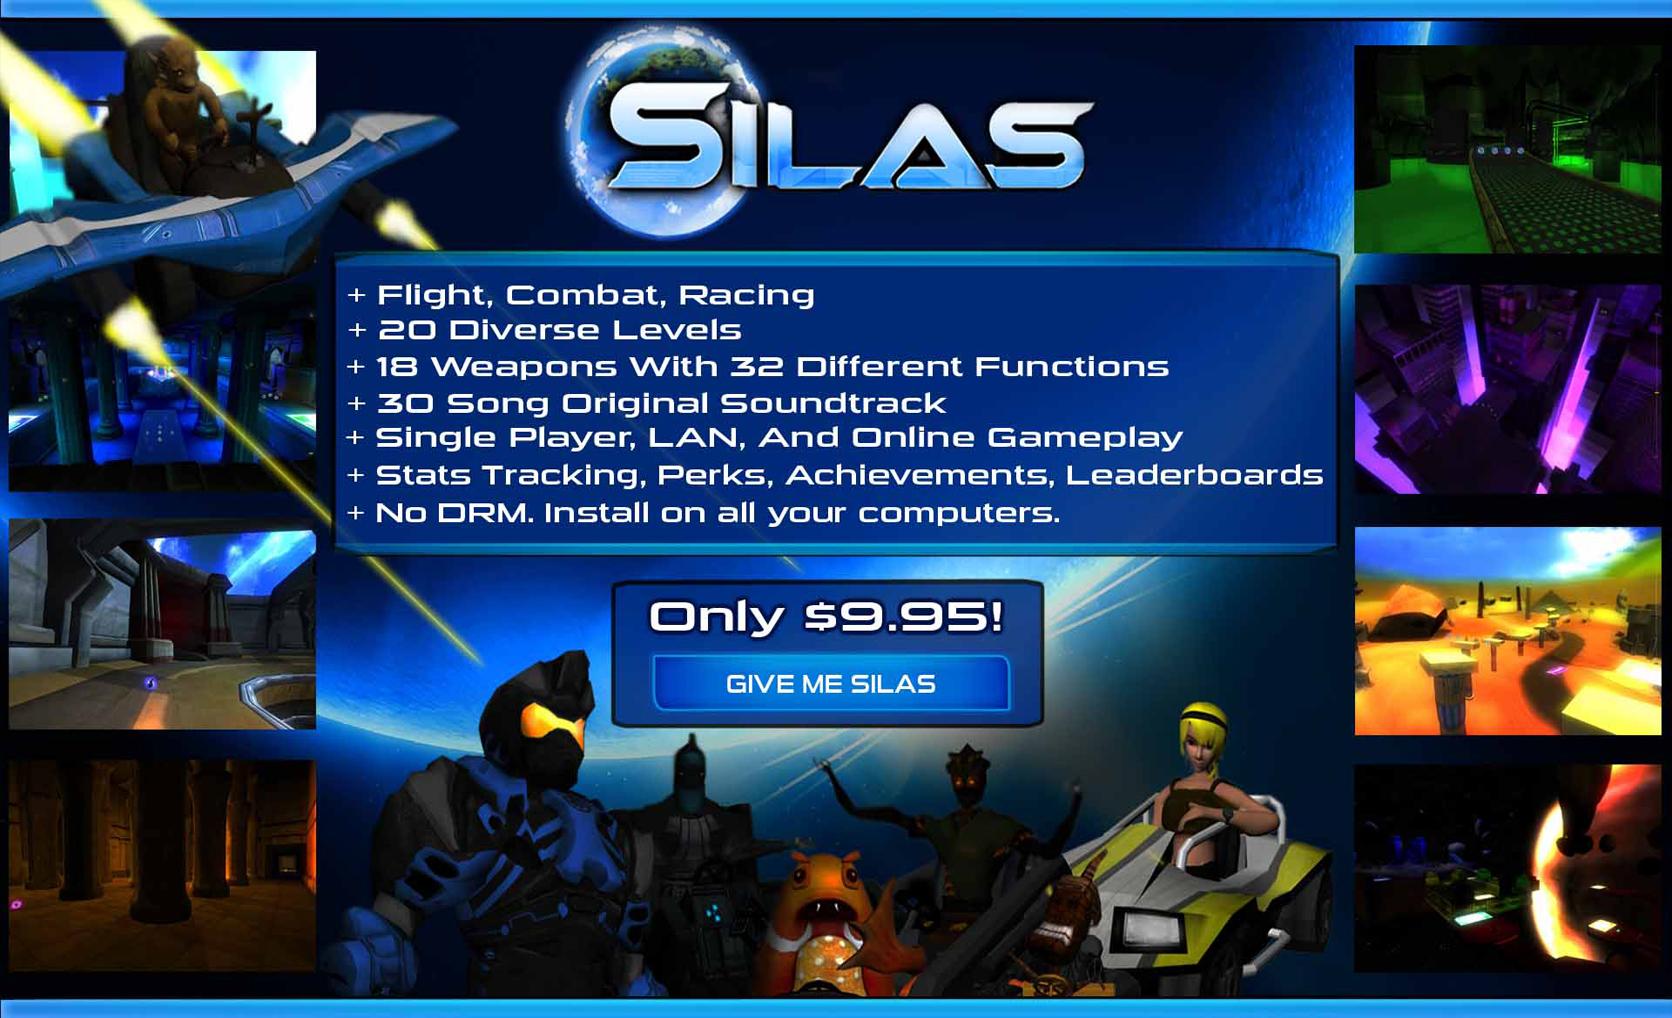 Silas Pre-Order